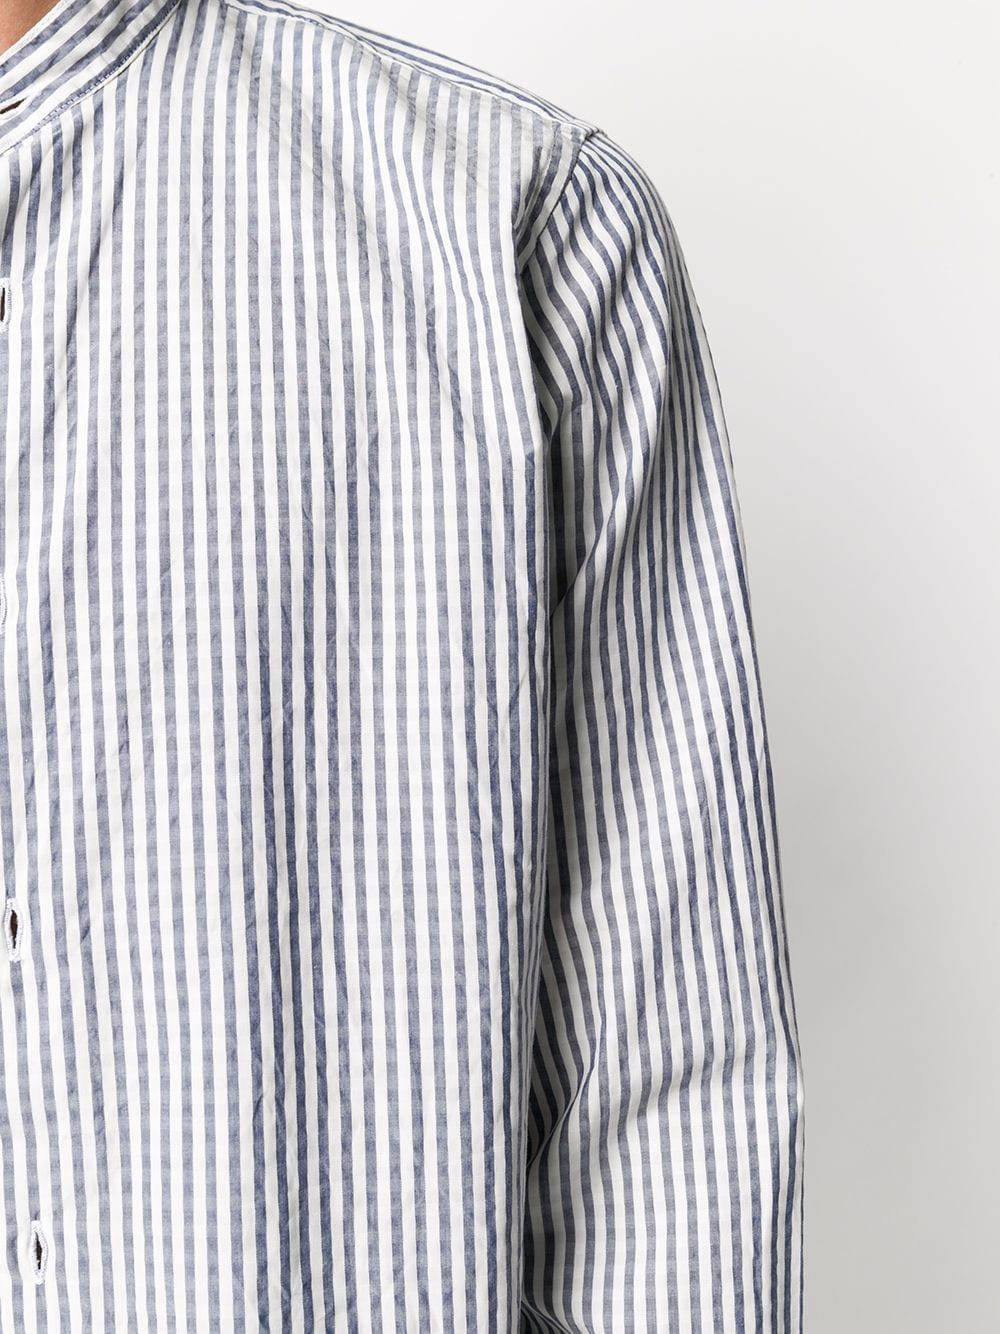 Camicia blu jeans a righe testurizzate in cotone con motivo a righe verticali ELEVENTY | Camicie | A75CAMA04-TES0A06408